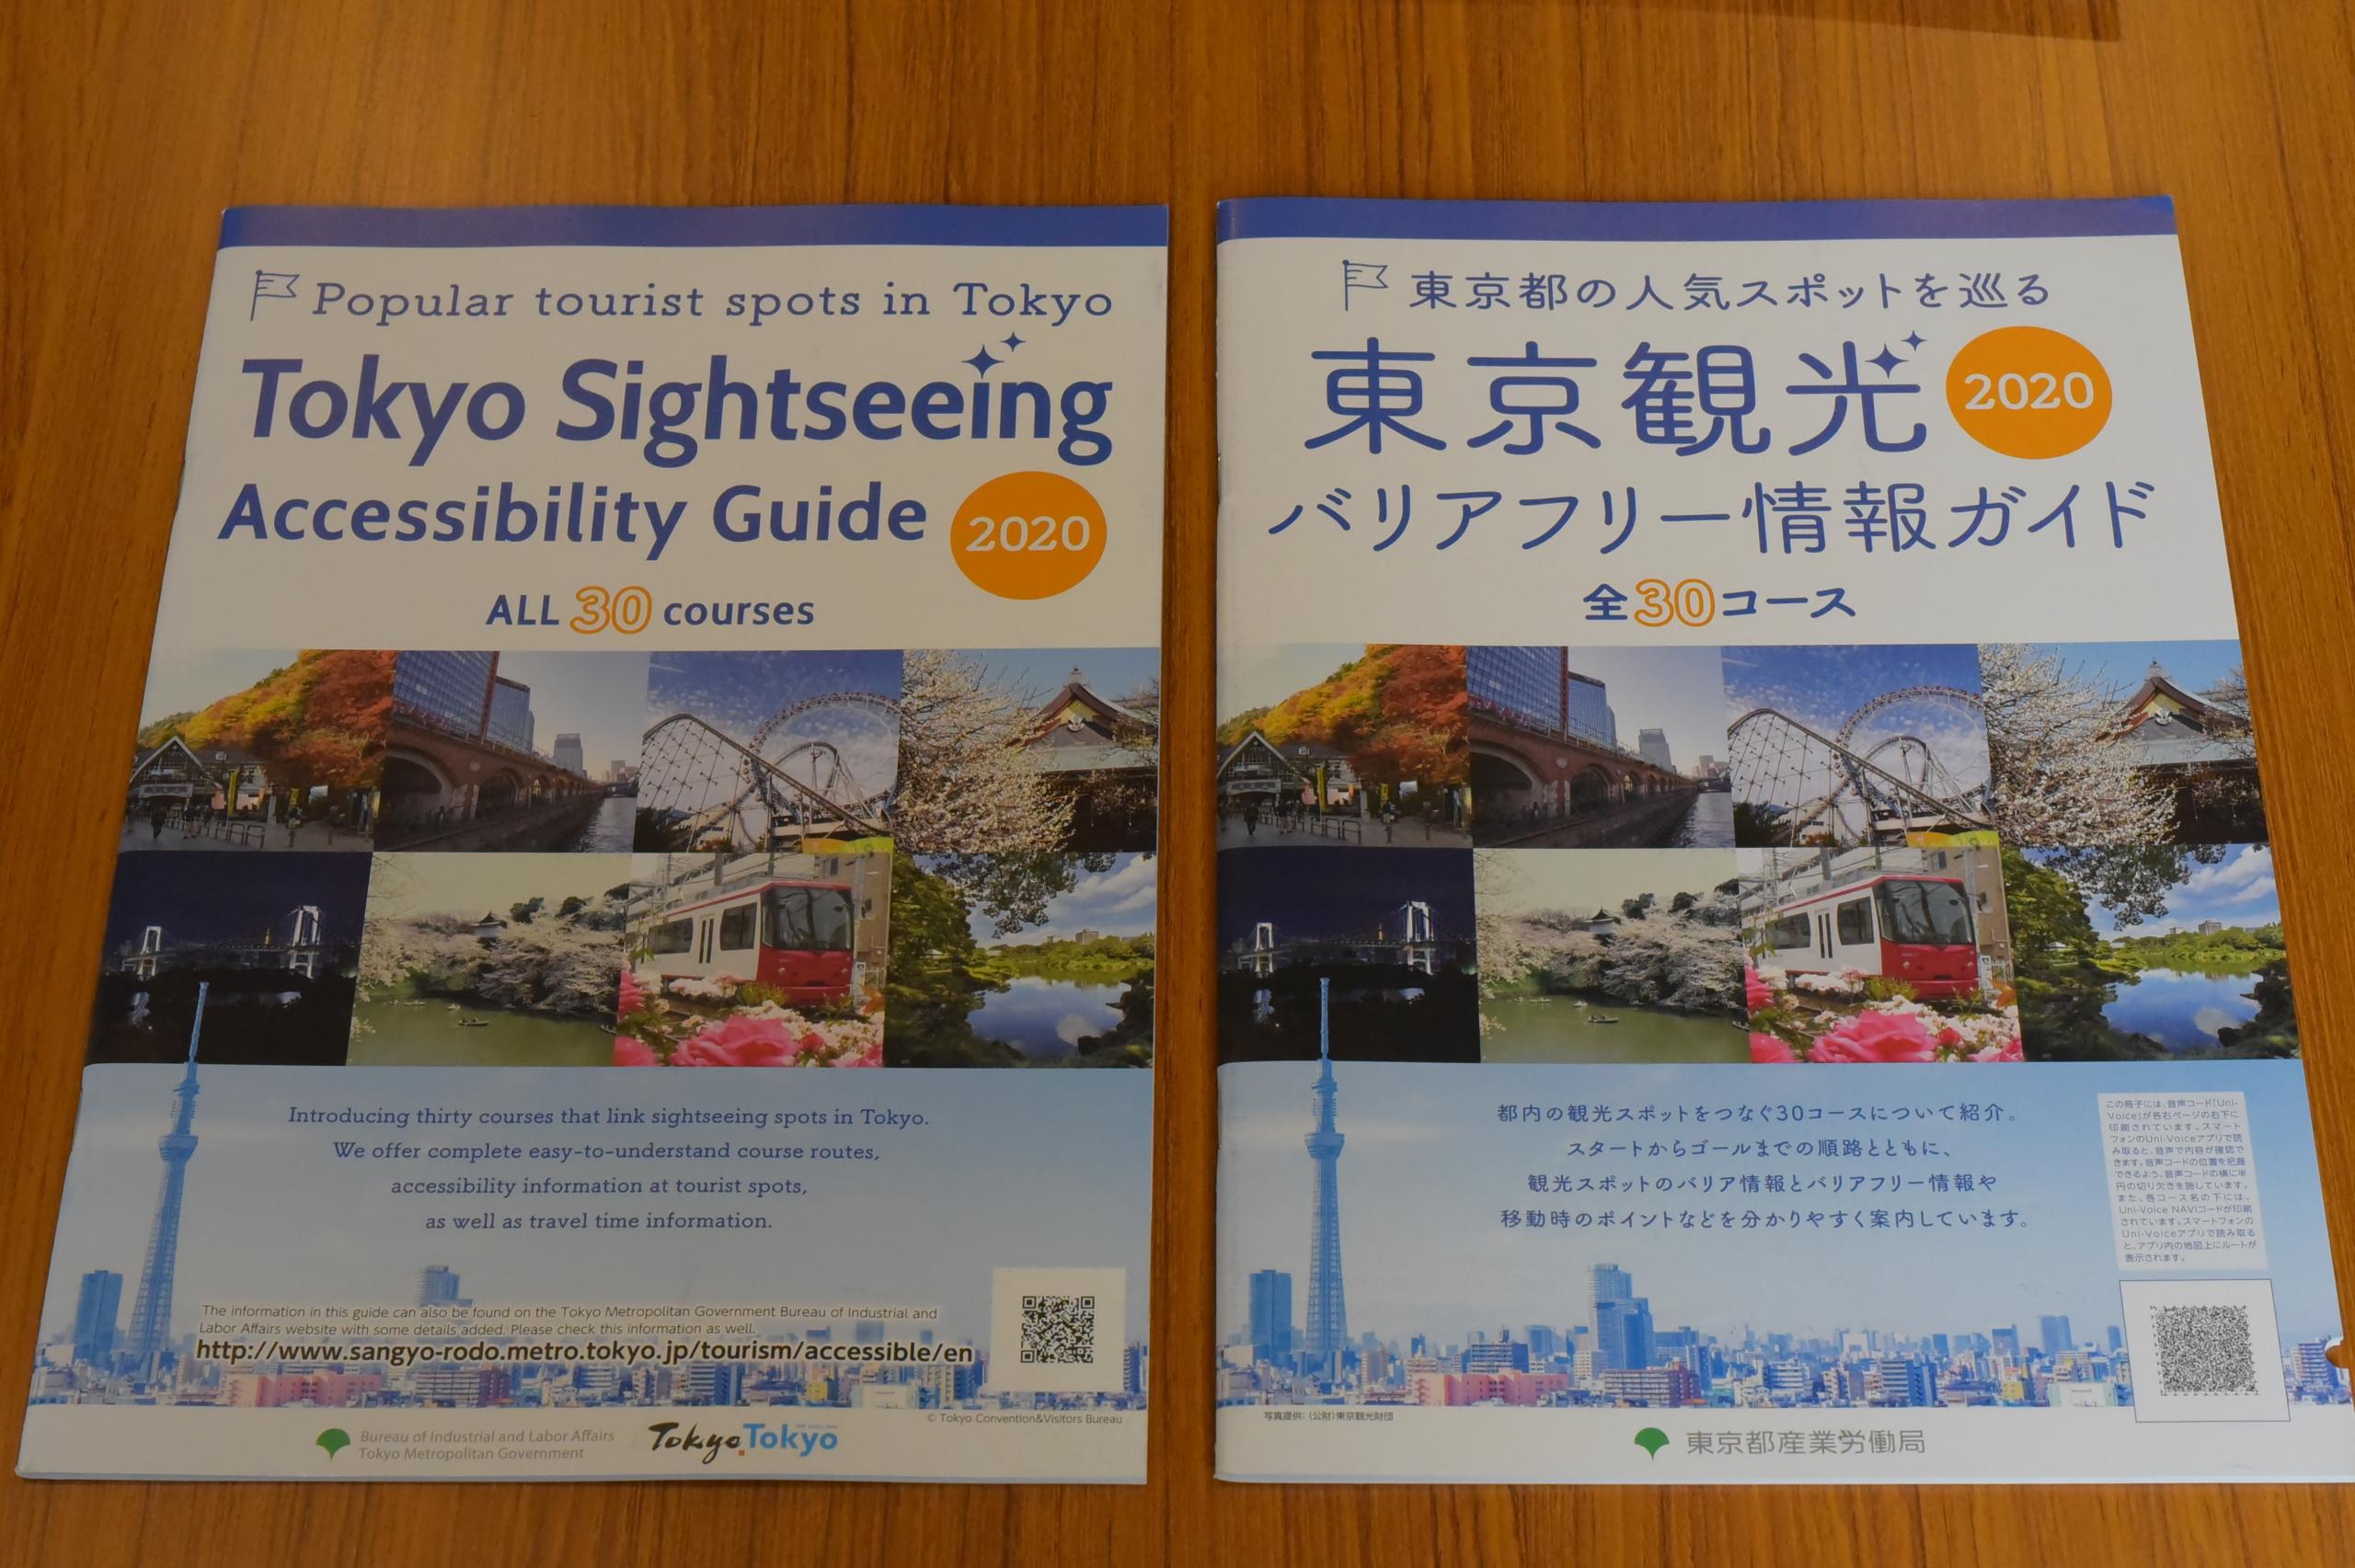 『東京観光バリアフリー情報ガイド2020』のご紹介